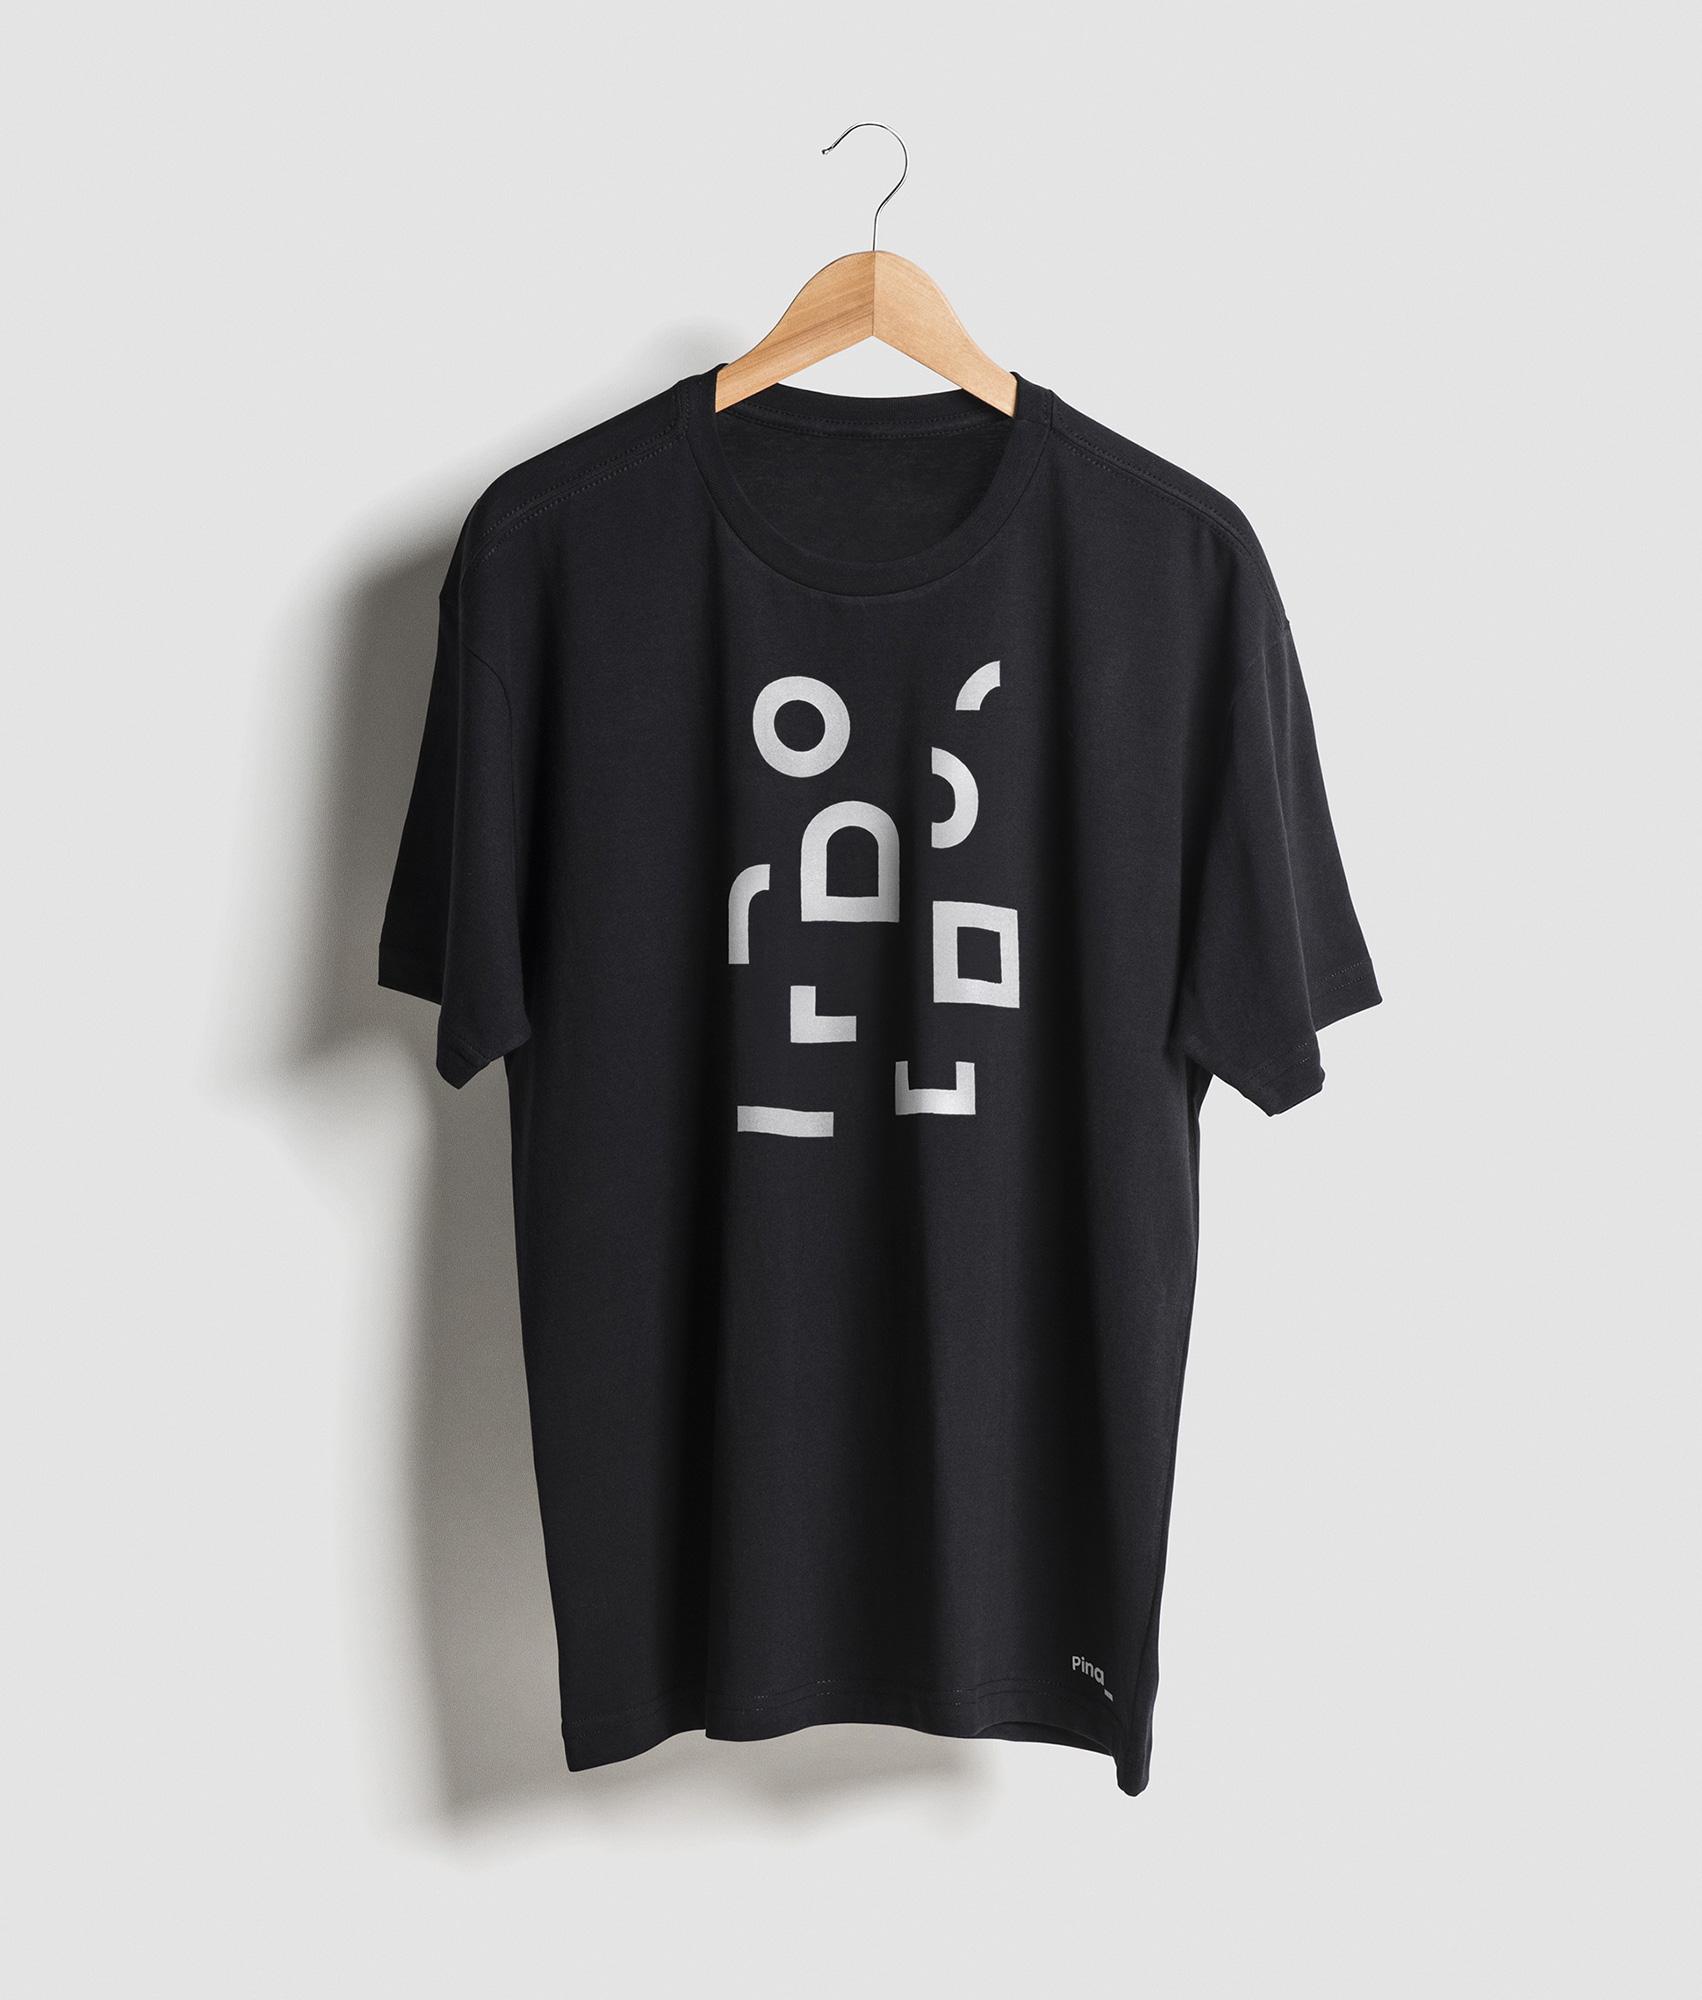 Pina-camiseta-OK